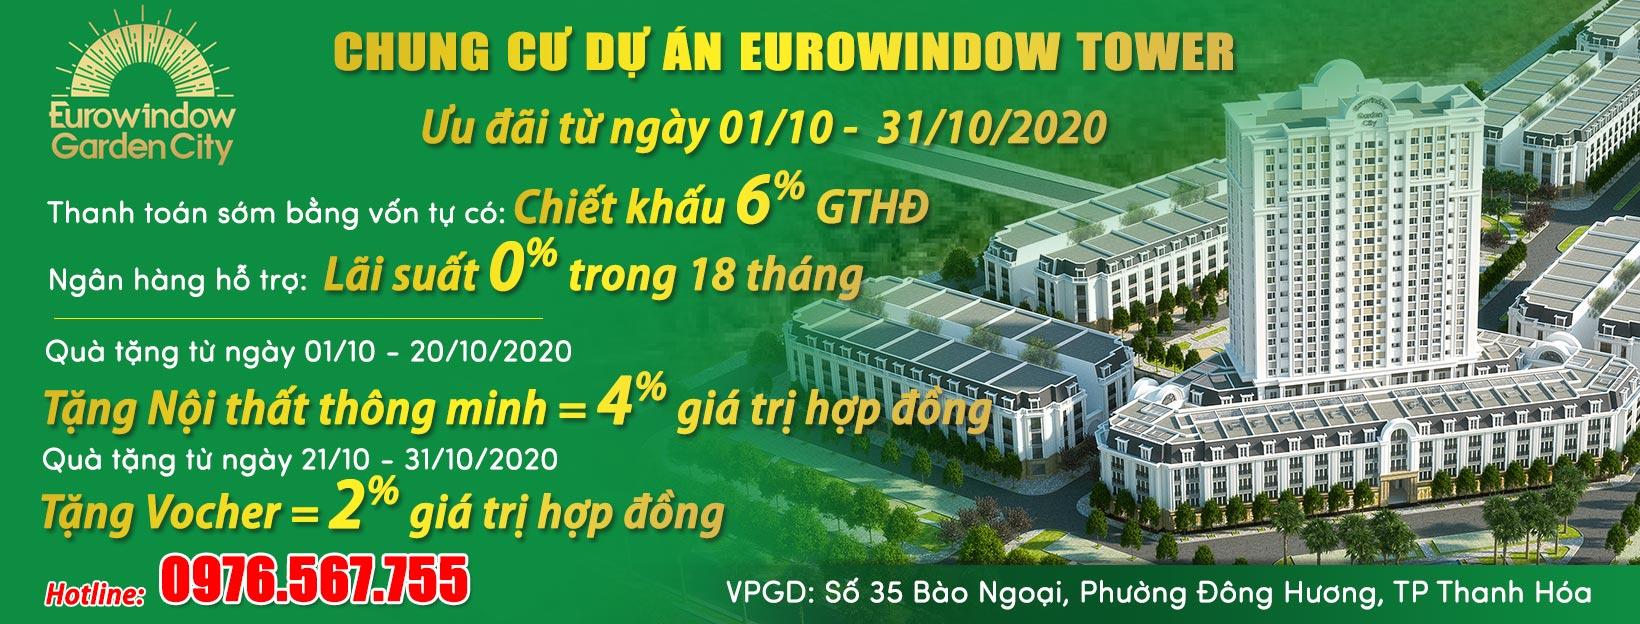 Chính sách bán hàng chung cư dự án eurowindow tower tháng 10/2020